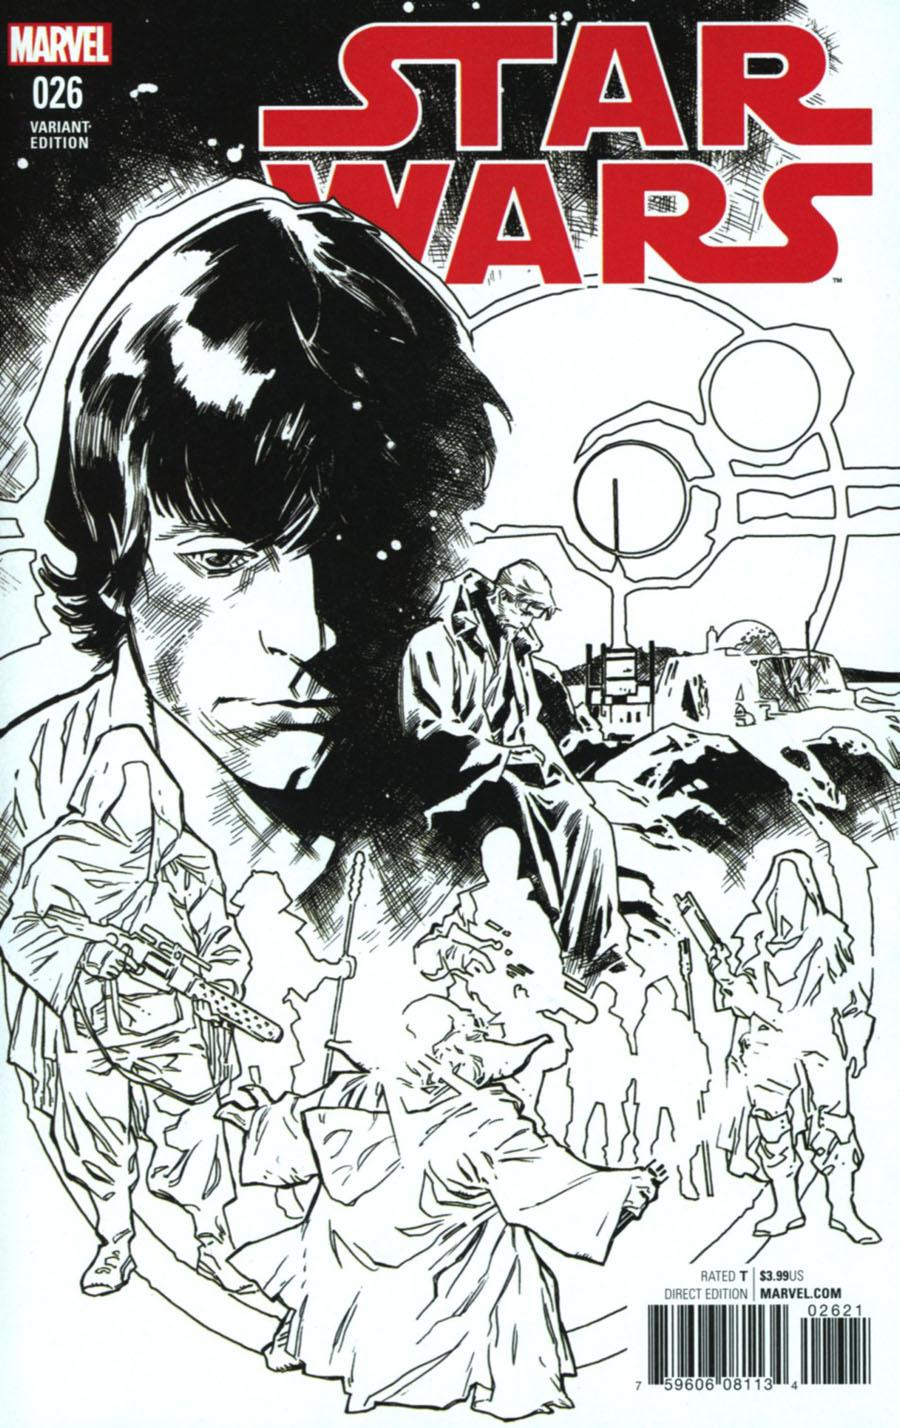 Star Wars Vol 4 #26 Cover C Incentive Stuart Immonen Black & White Cover